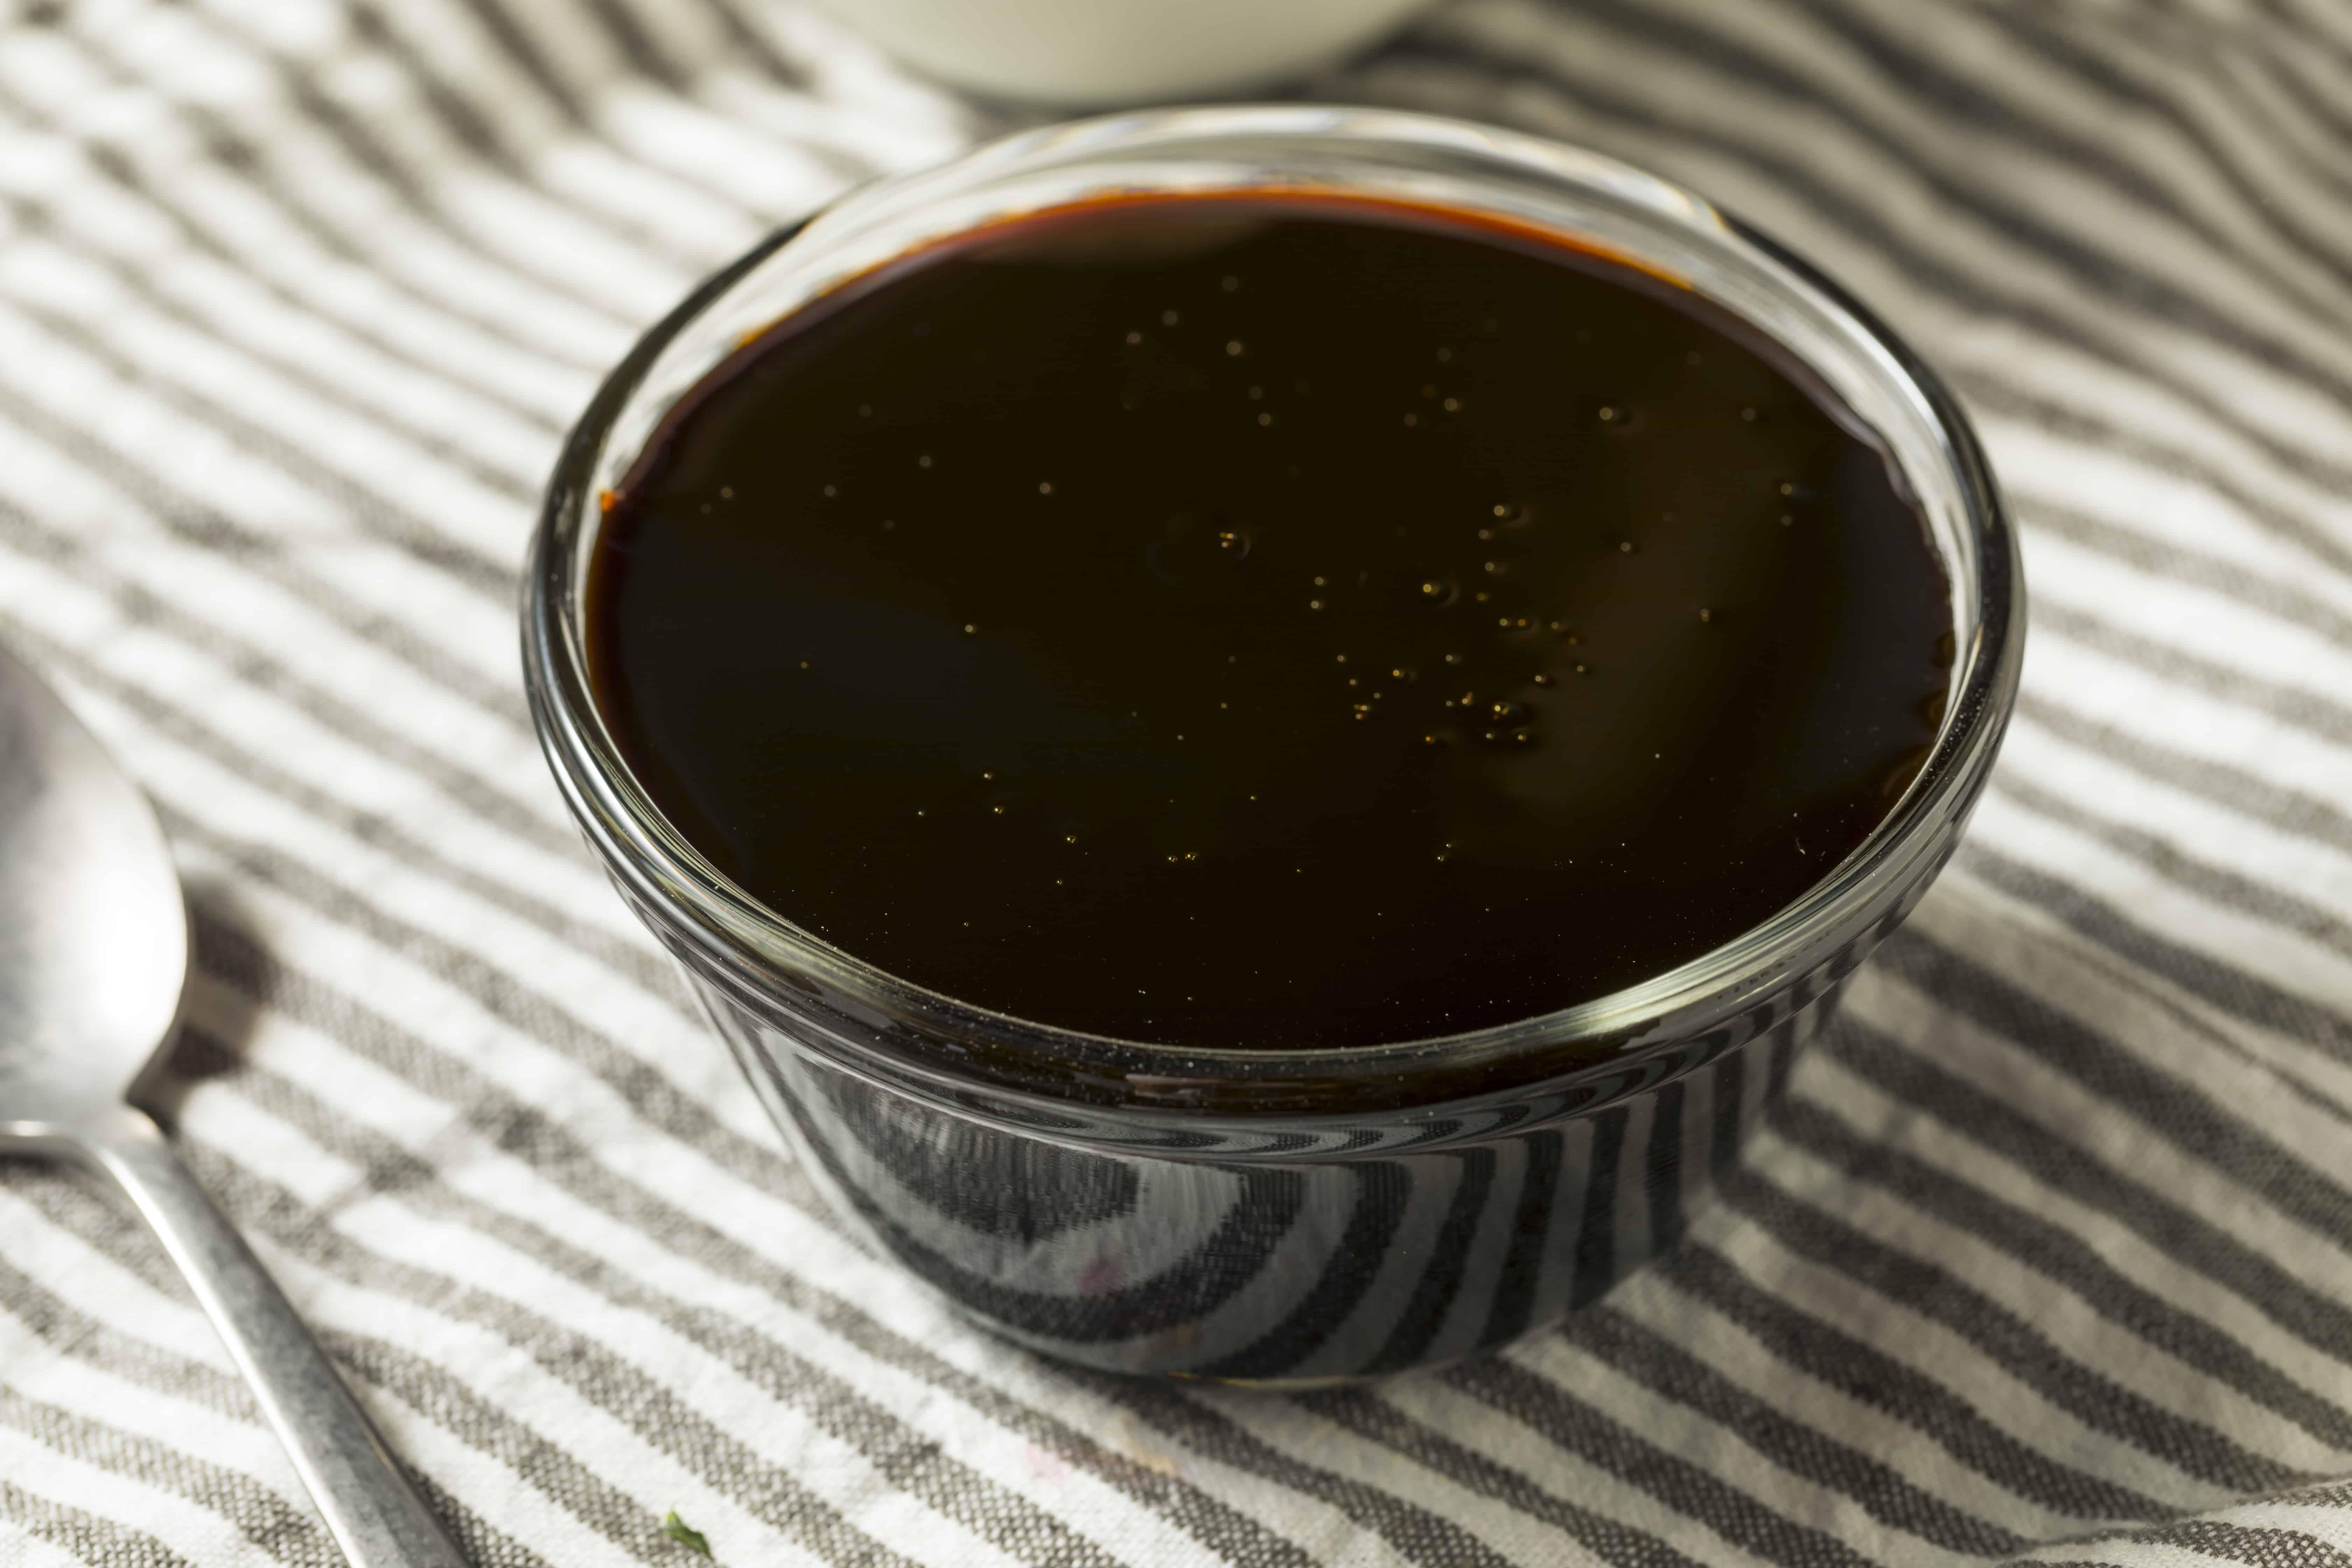 Black Cane Sugar Molasses in a Bowl